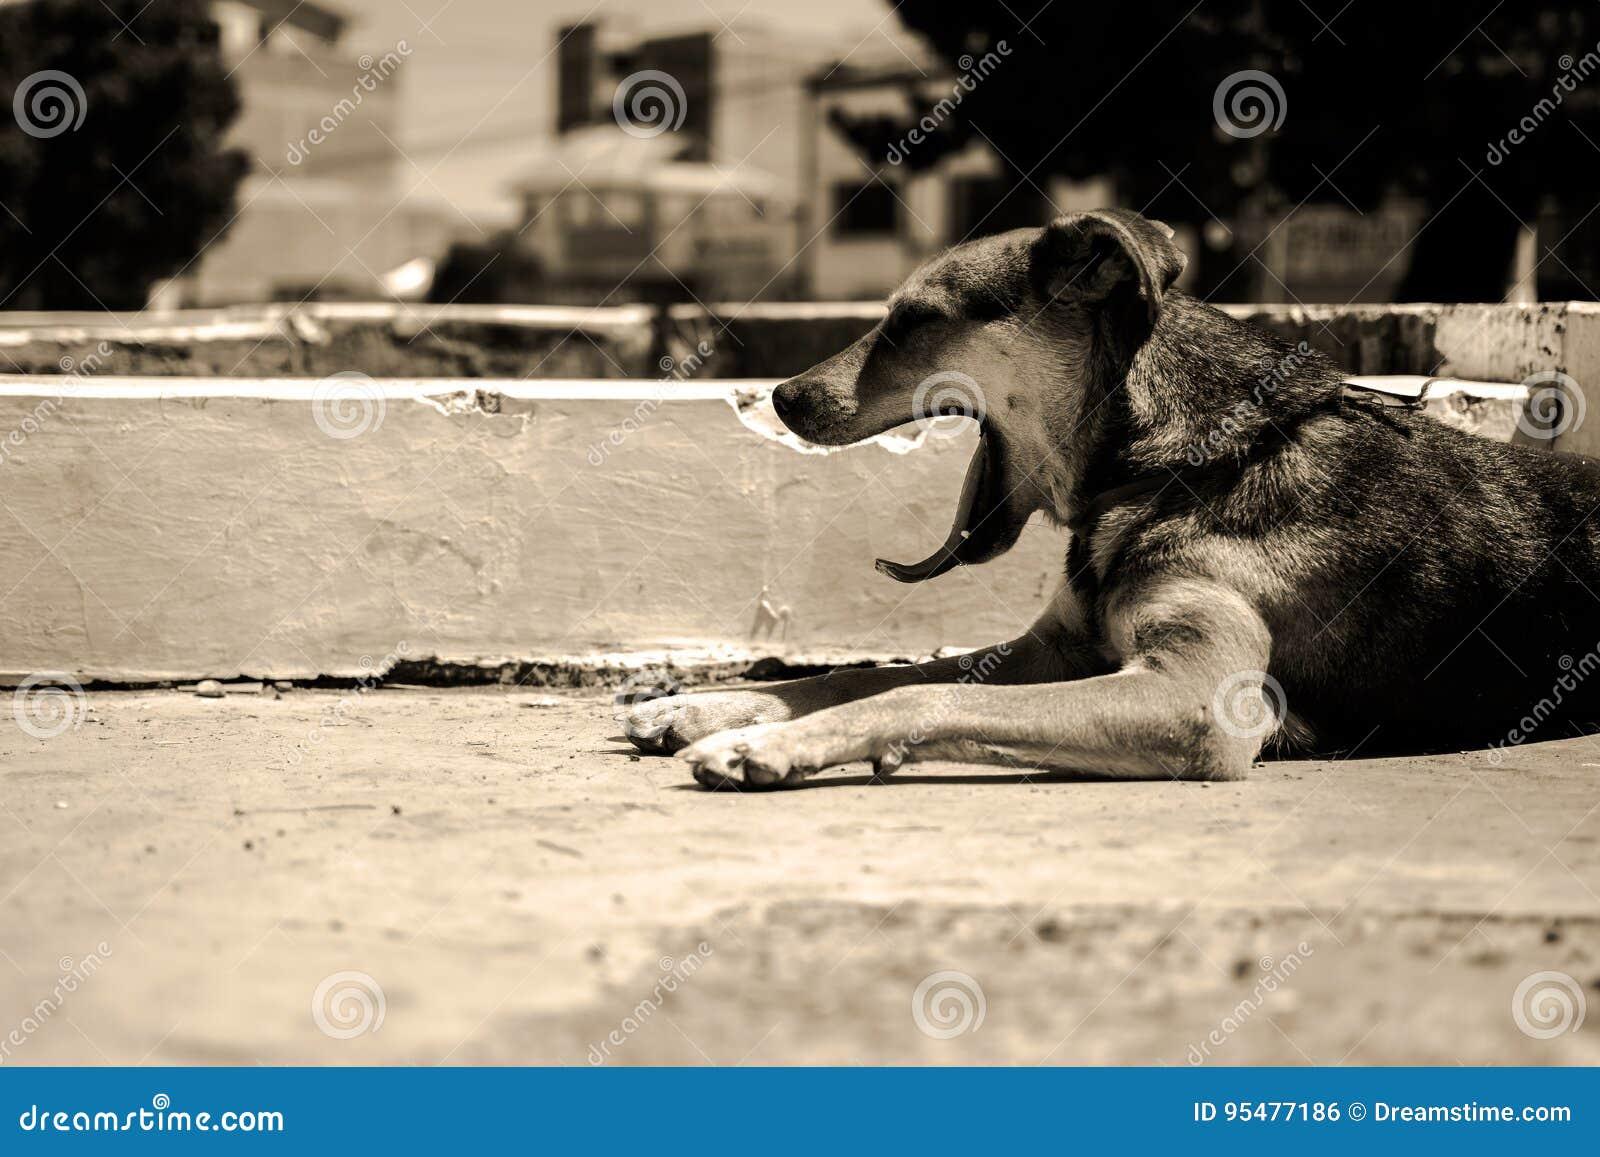 Głodny i śpiący pies